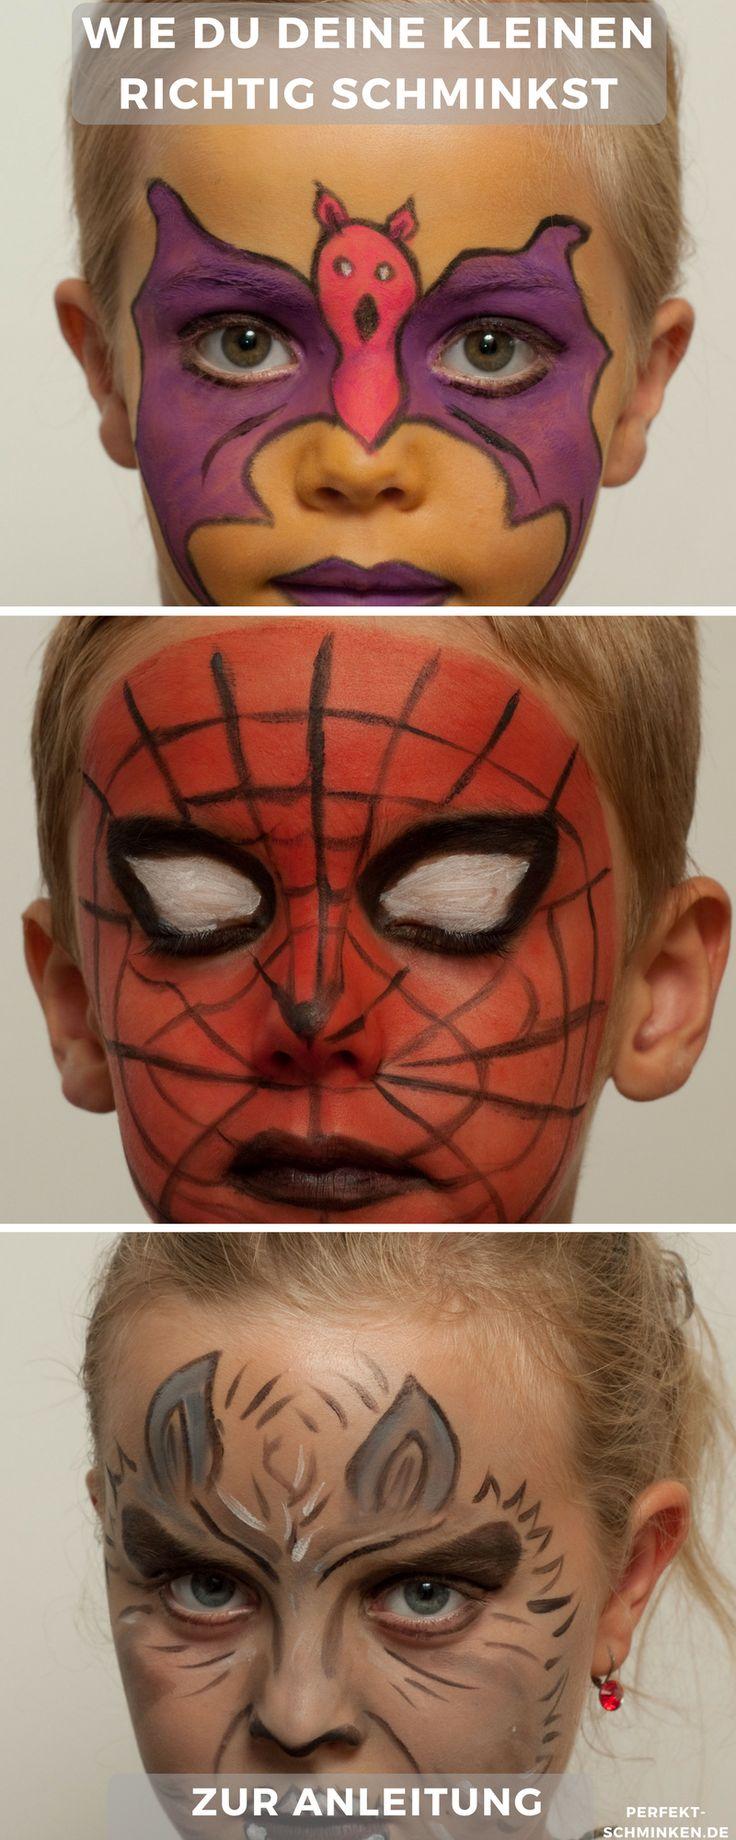 Schaue dir unsere tollen Fasching und Halloween Ideen an  #kinder schminken #halloween #fasching #jungs #anleitung